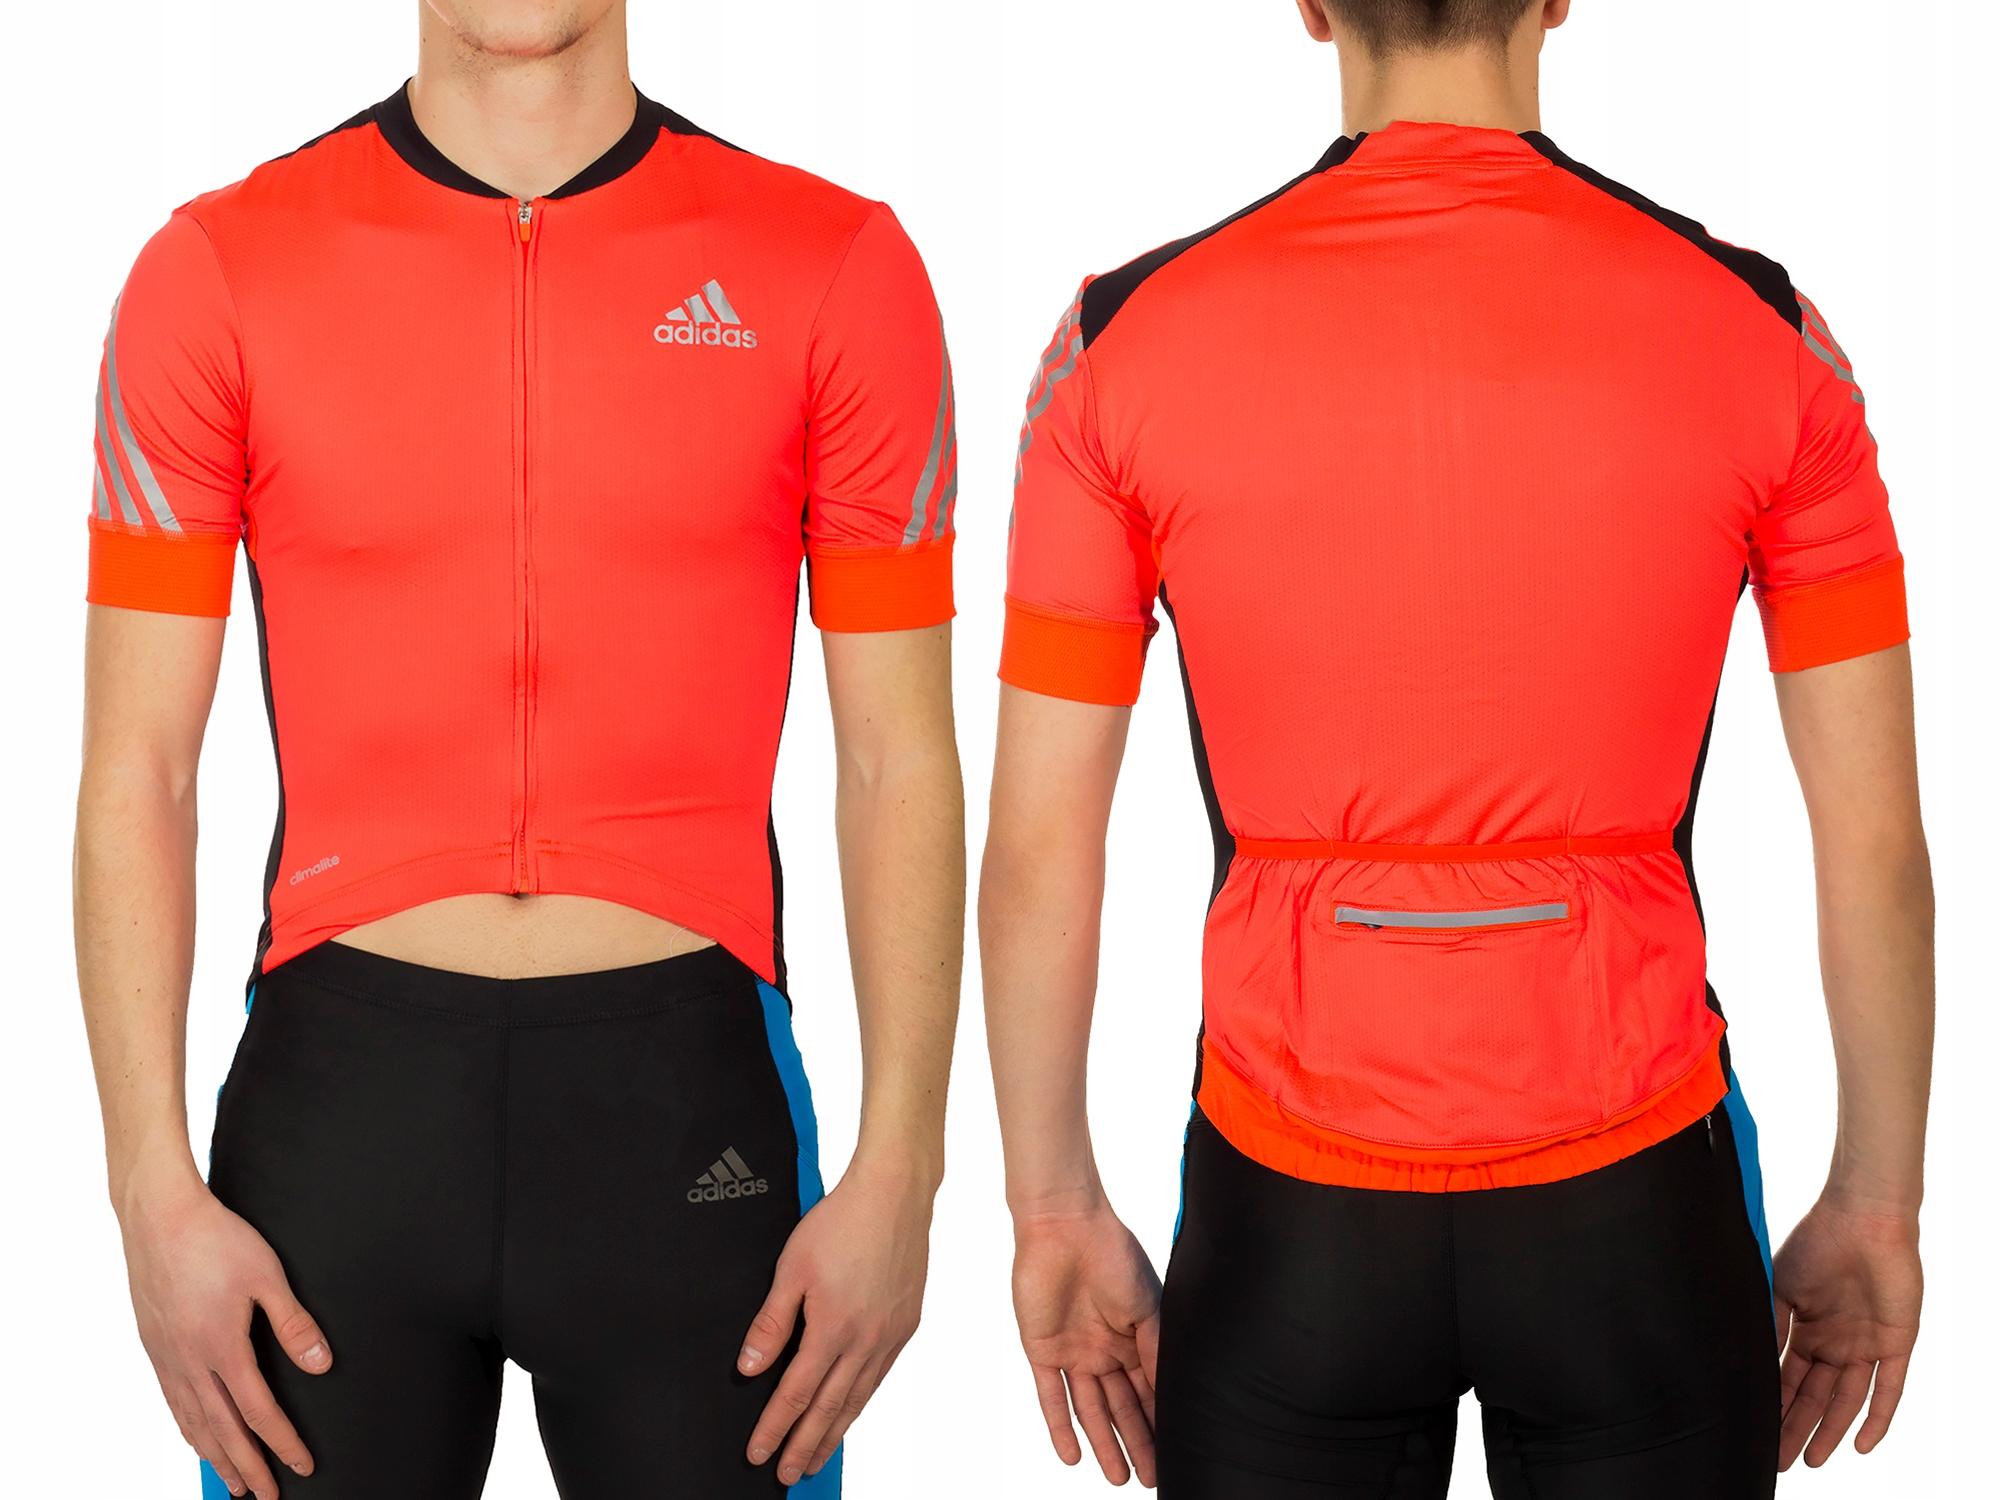 Купить 311311 футболка велосипедный плавай цветаразм48/5 SXL F87691 на Eurozakup - цены и фото - доставка из Польши и стран Европы в Украину.